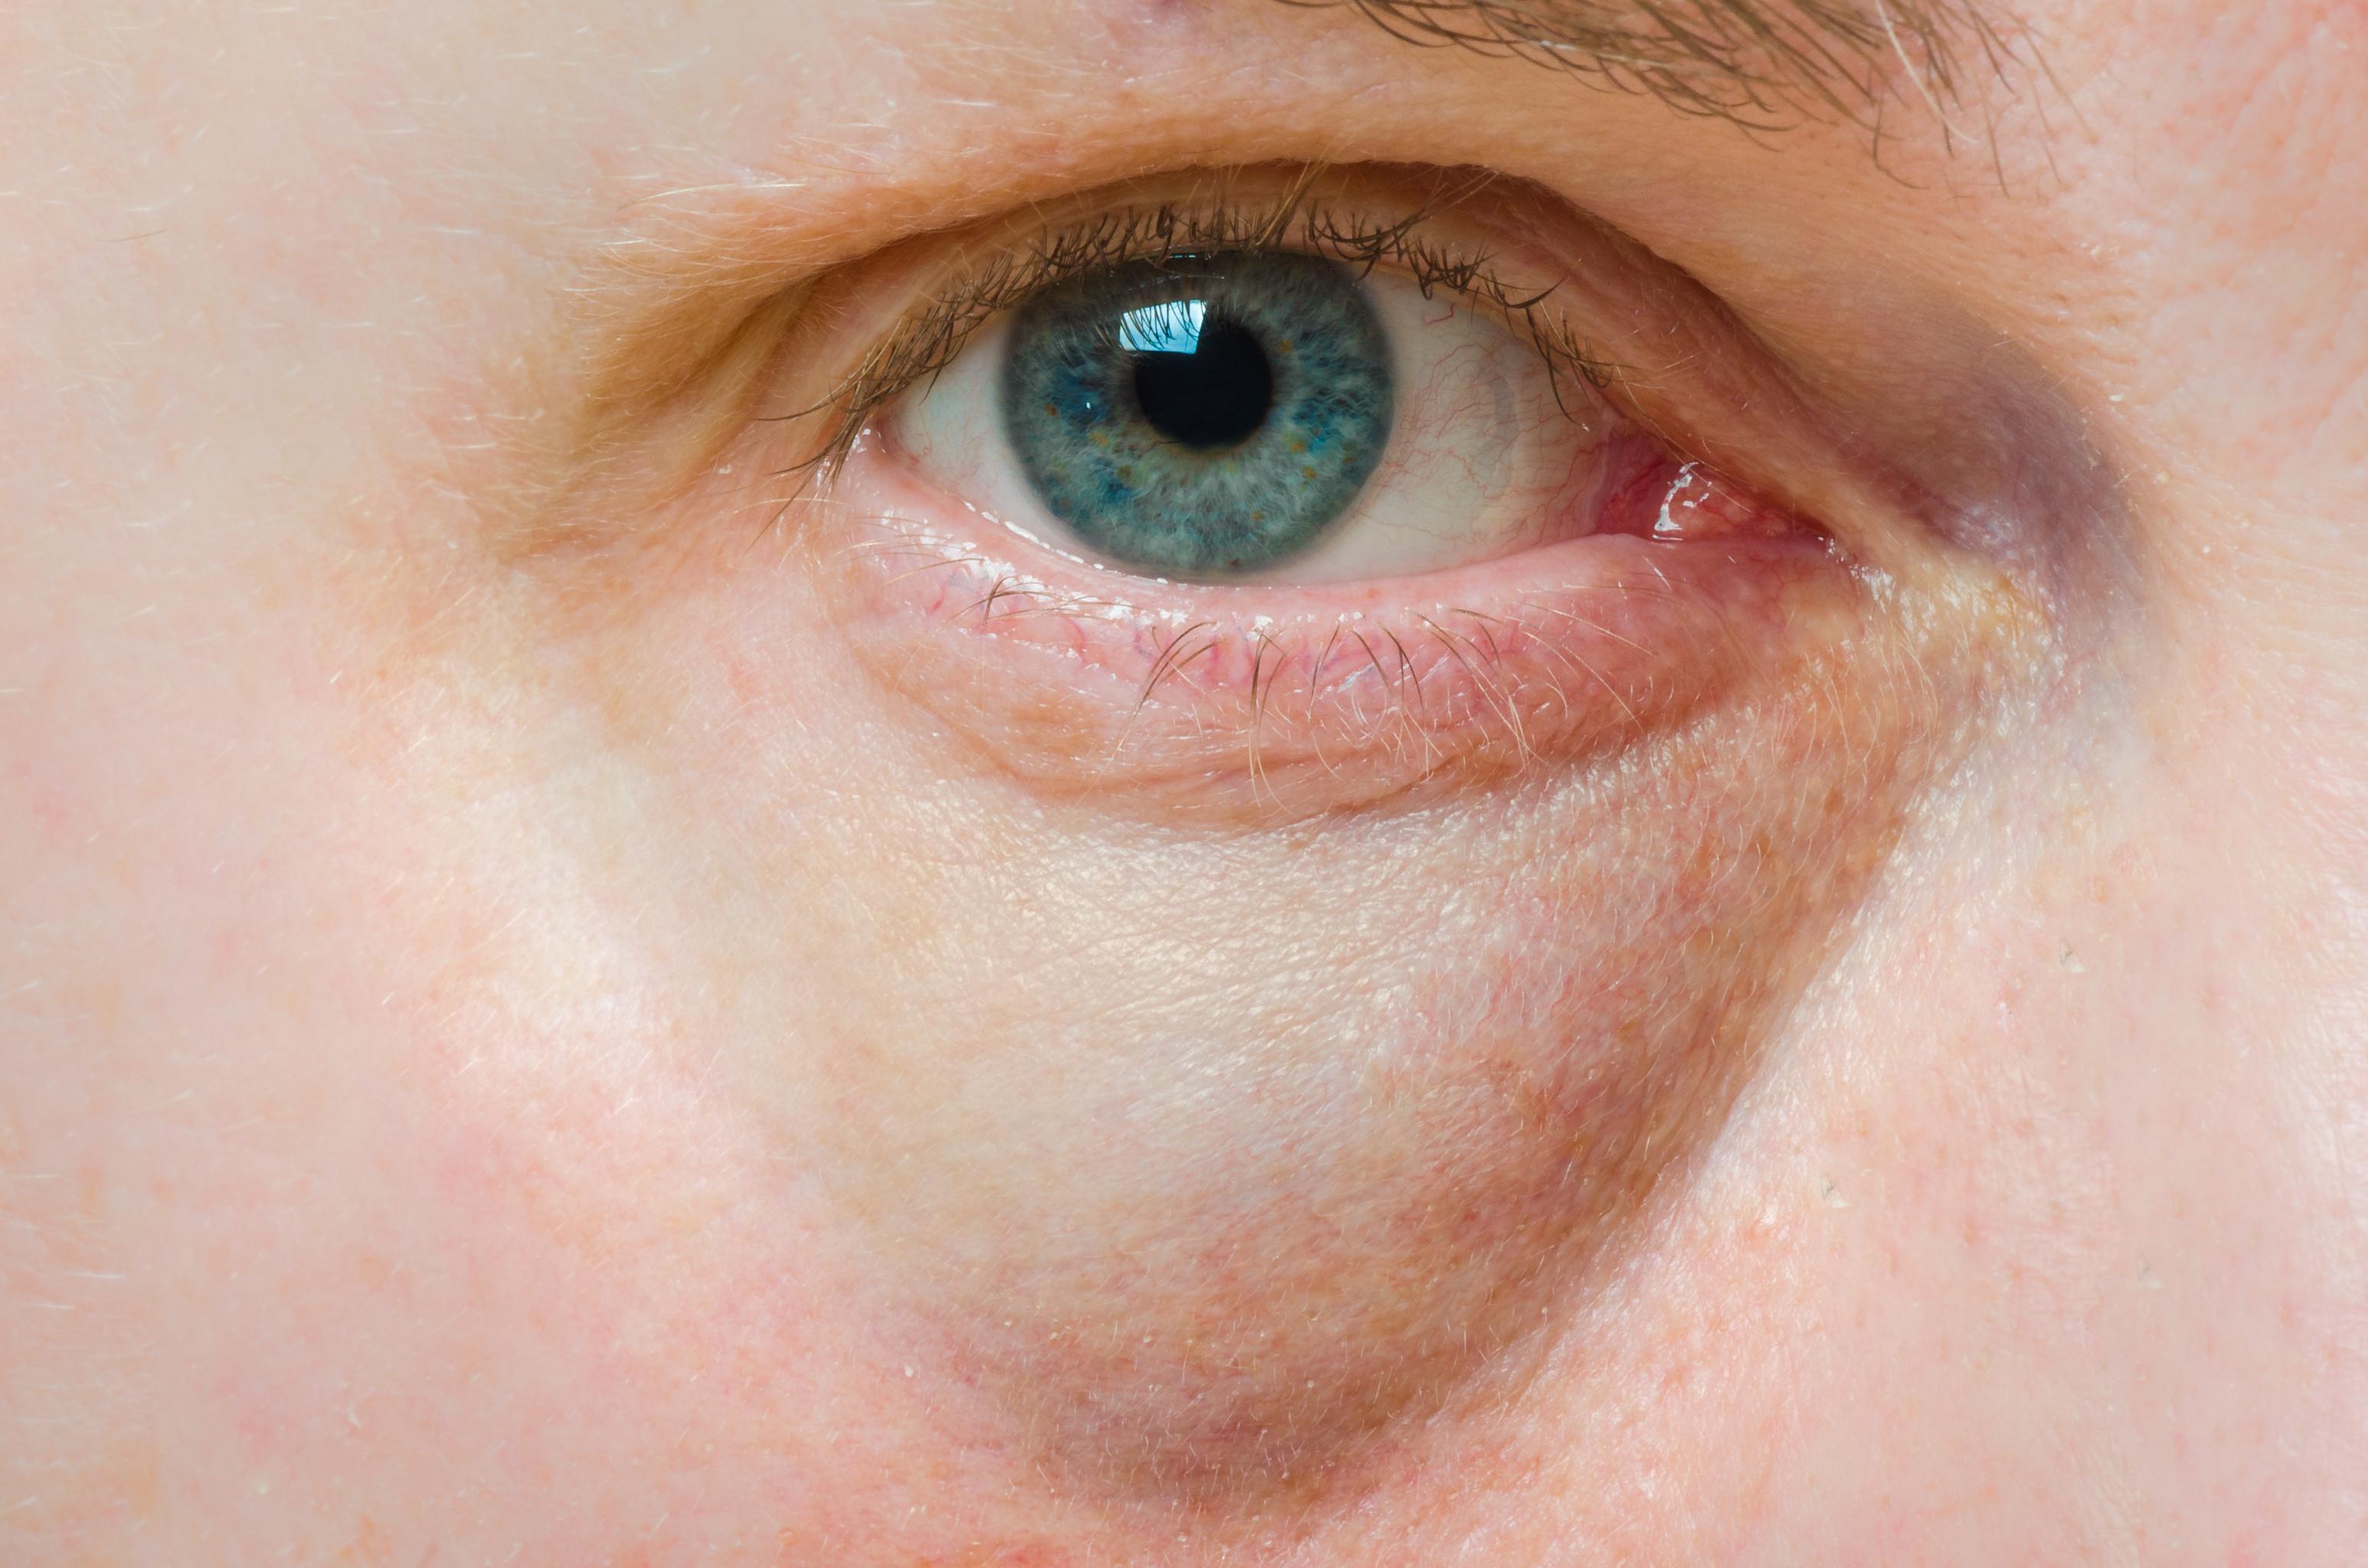 vörös foltok viszketnek a szem alatt